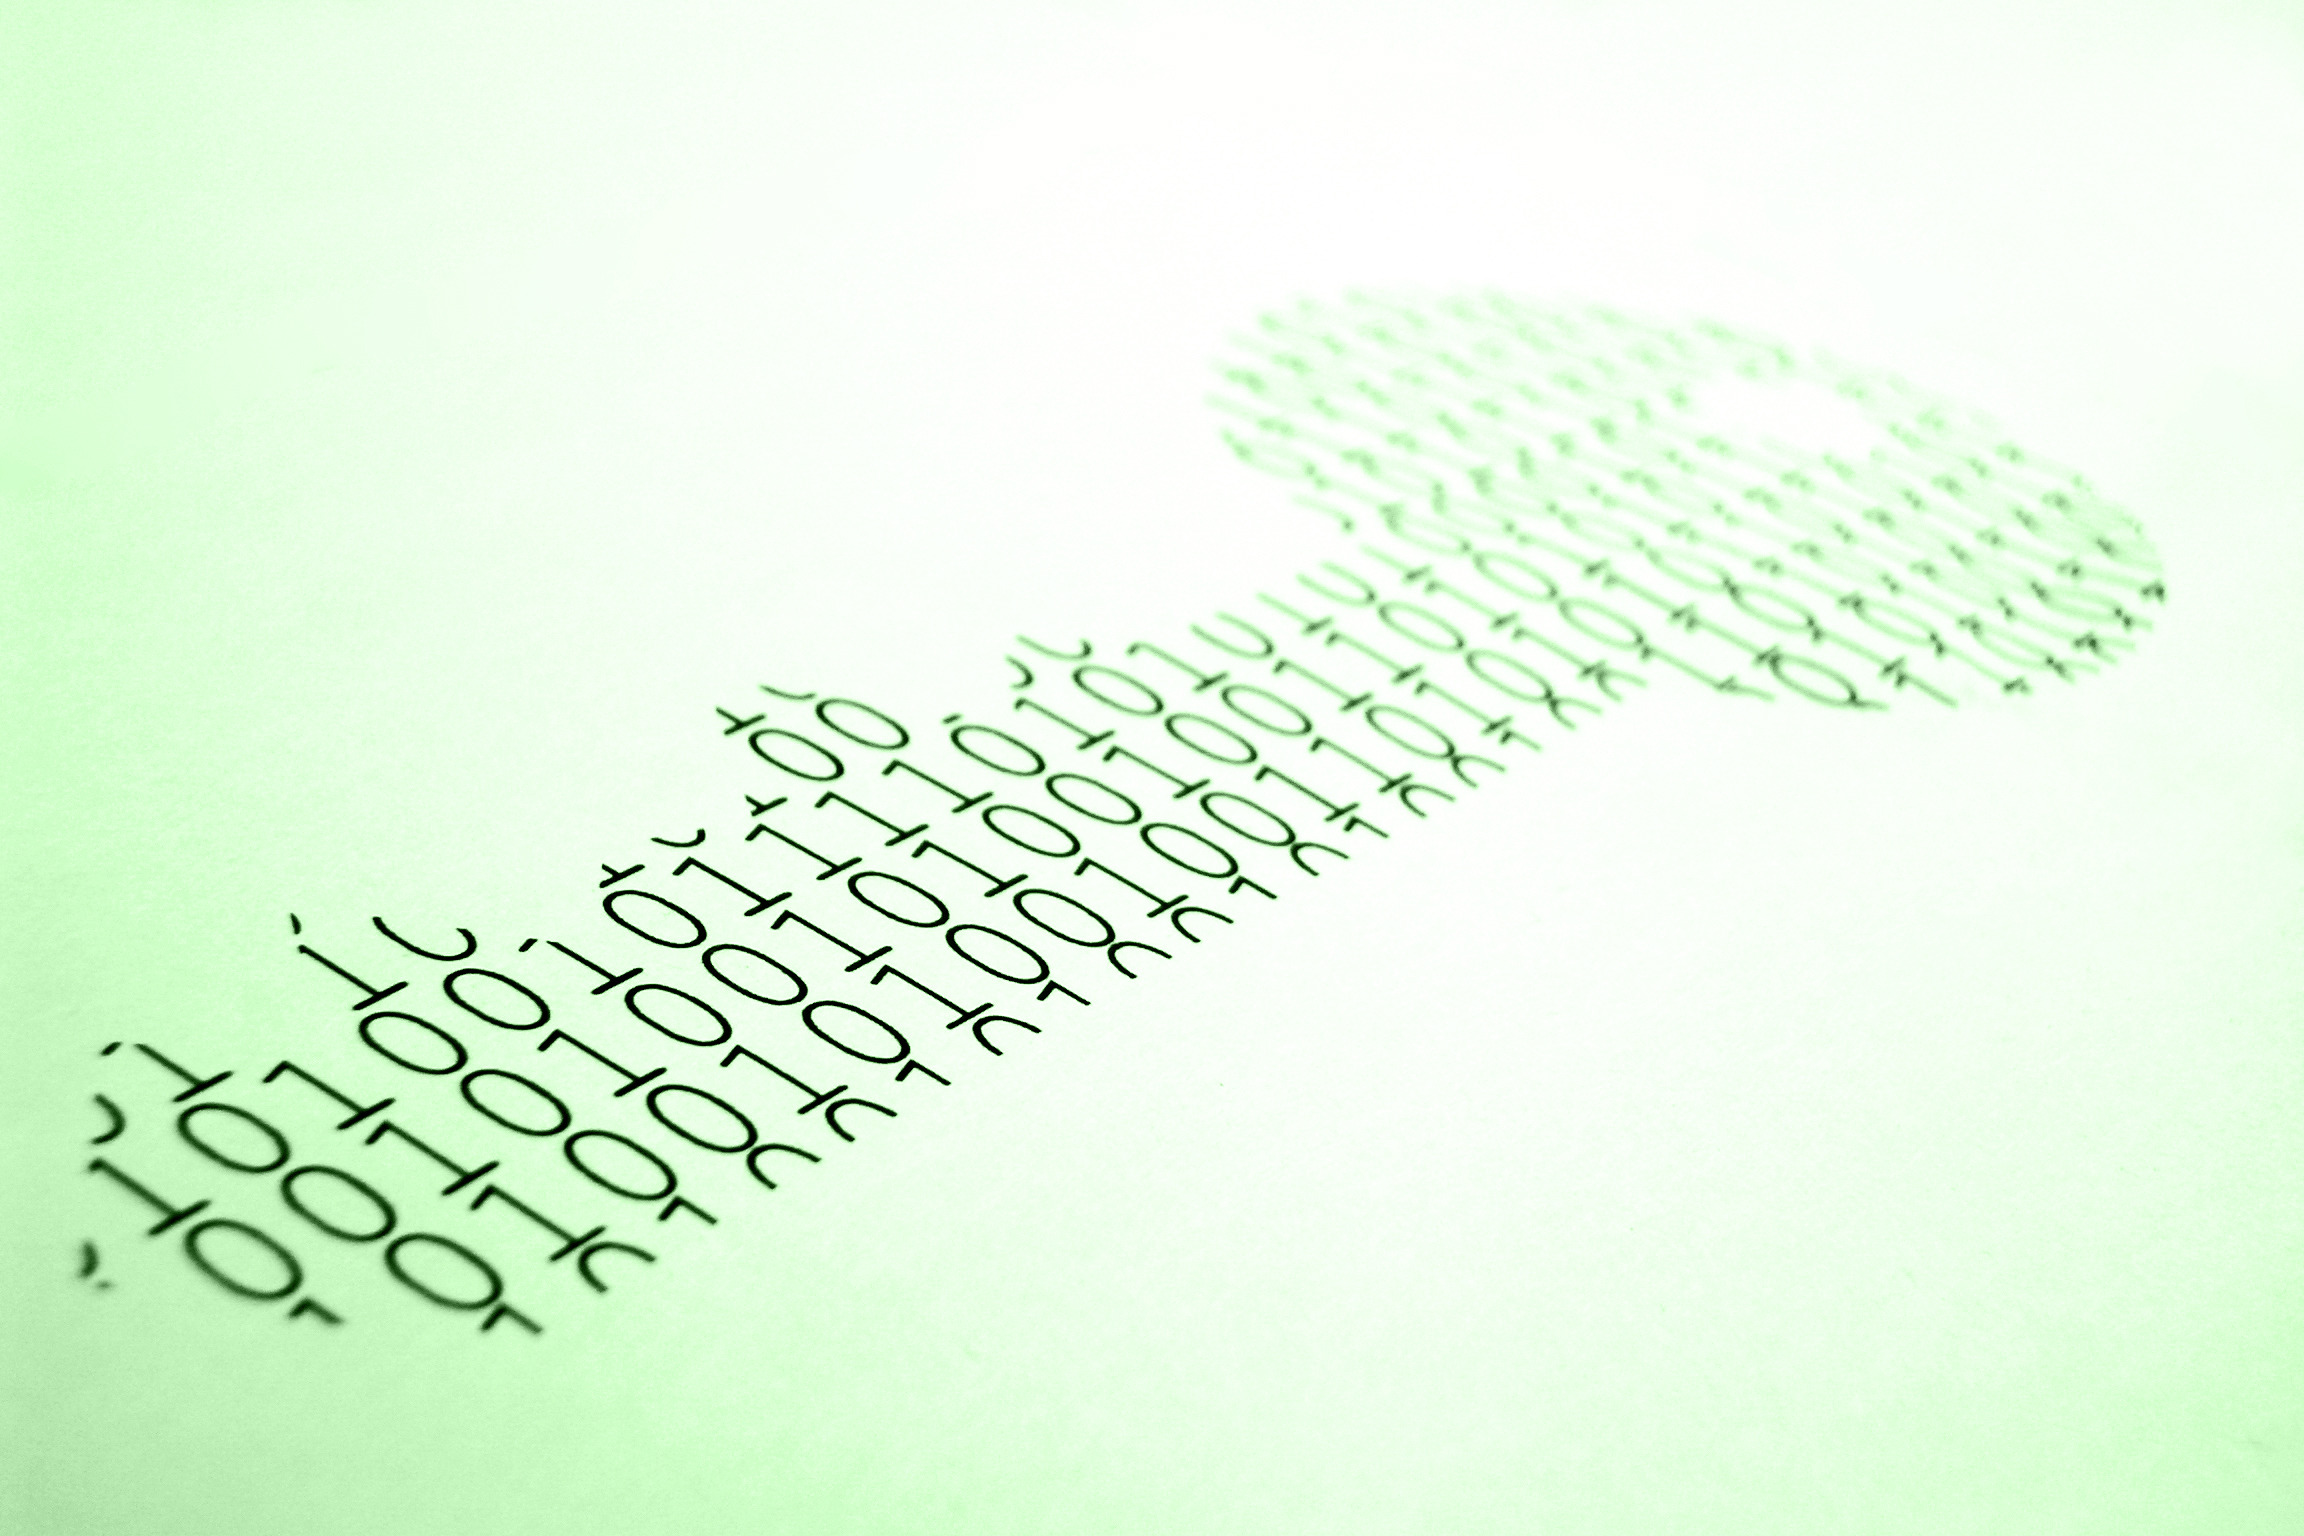 У Symantec вновь проблемы из-за выдачи нелегитимных сертификатов